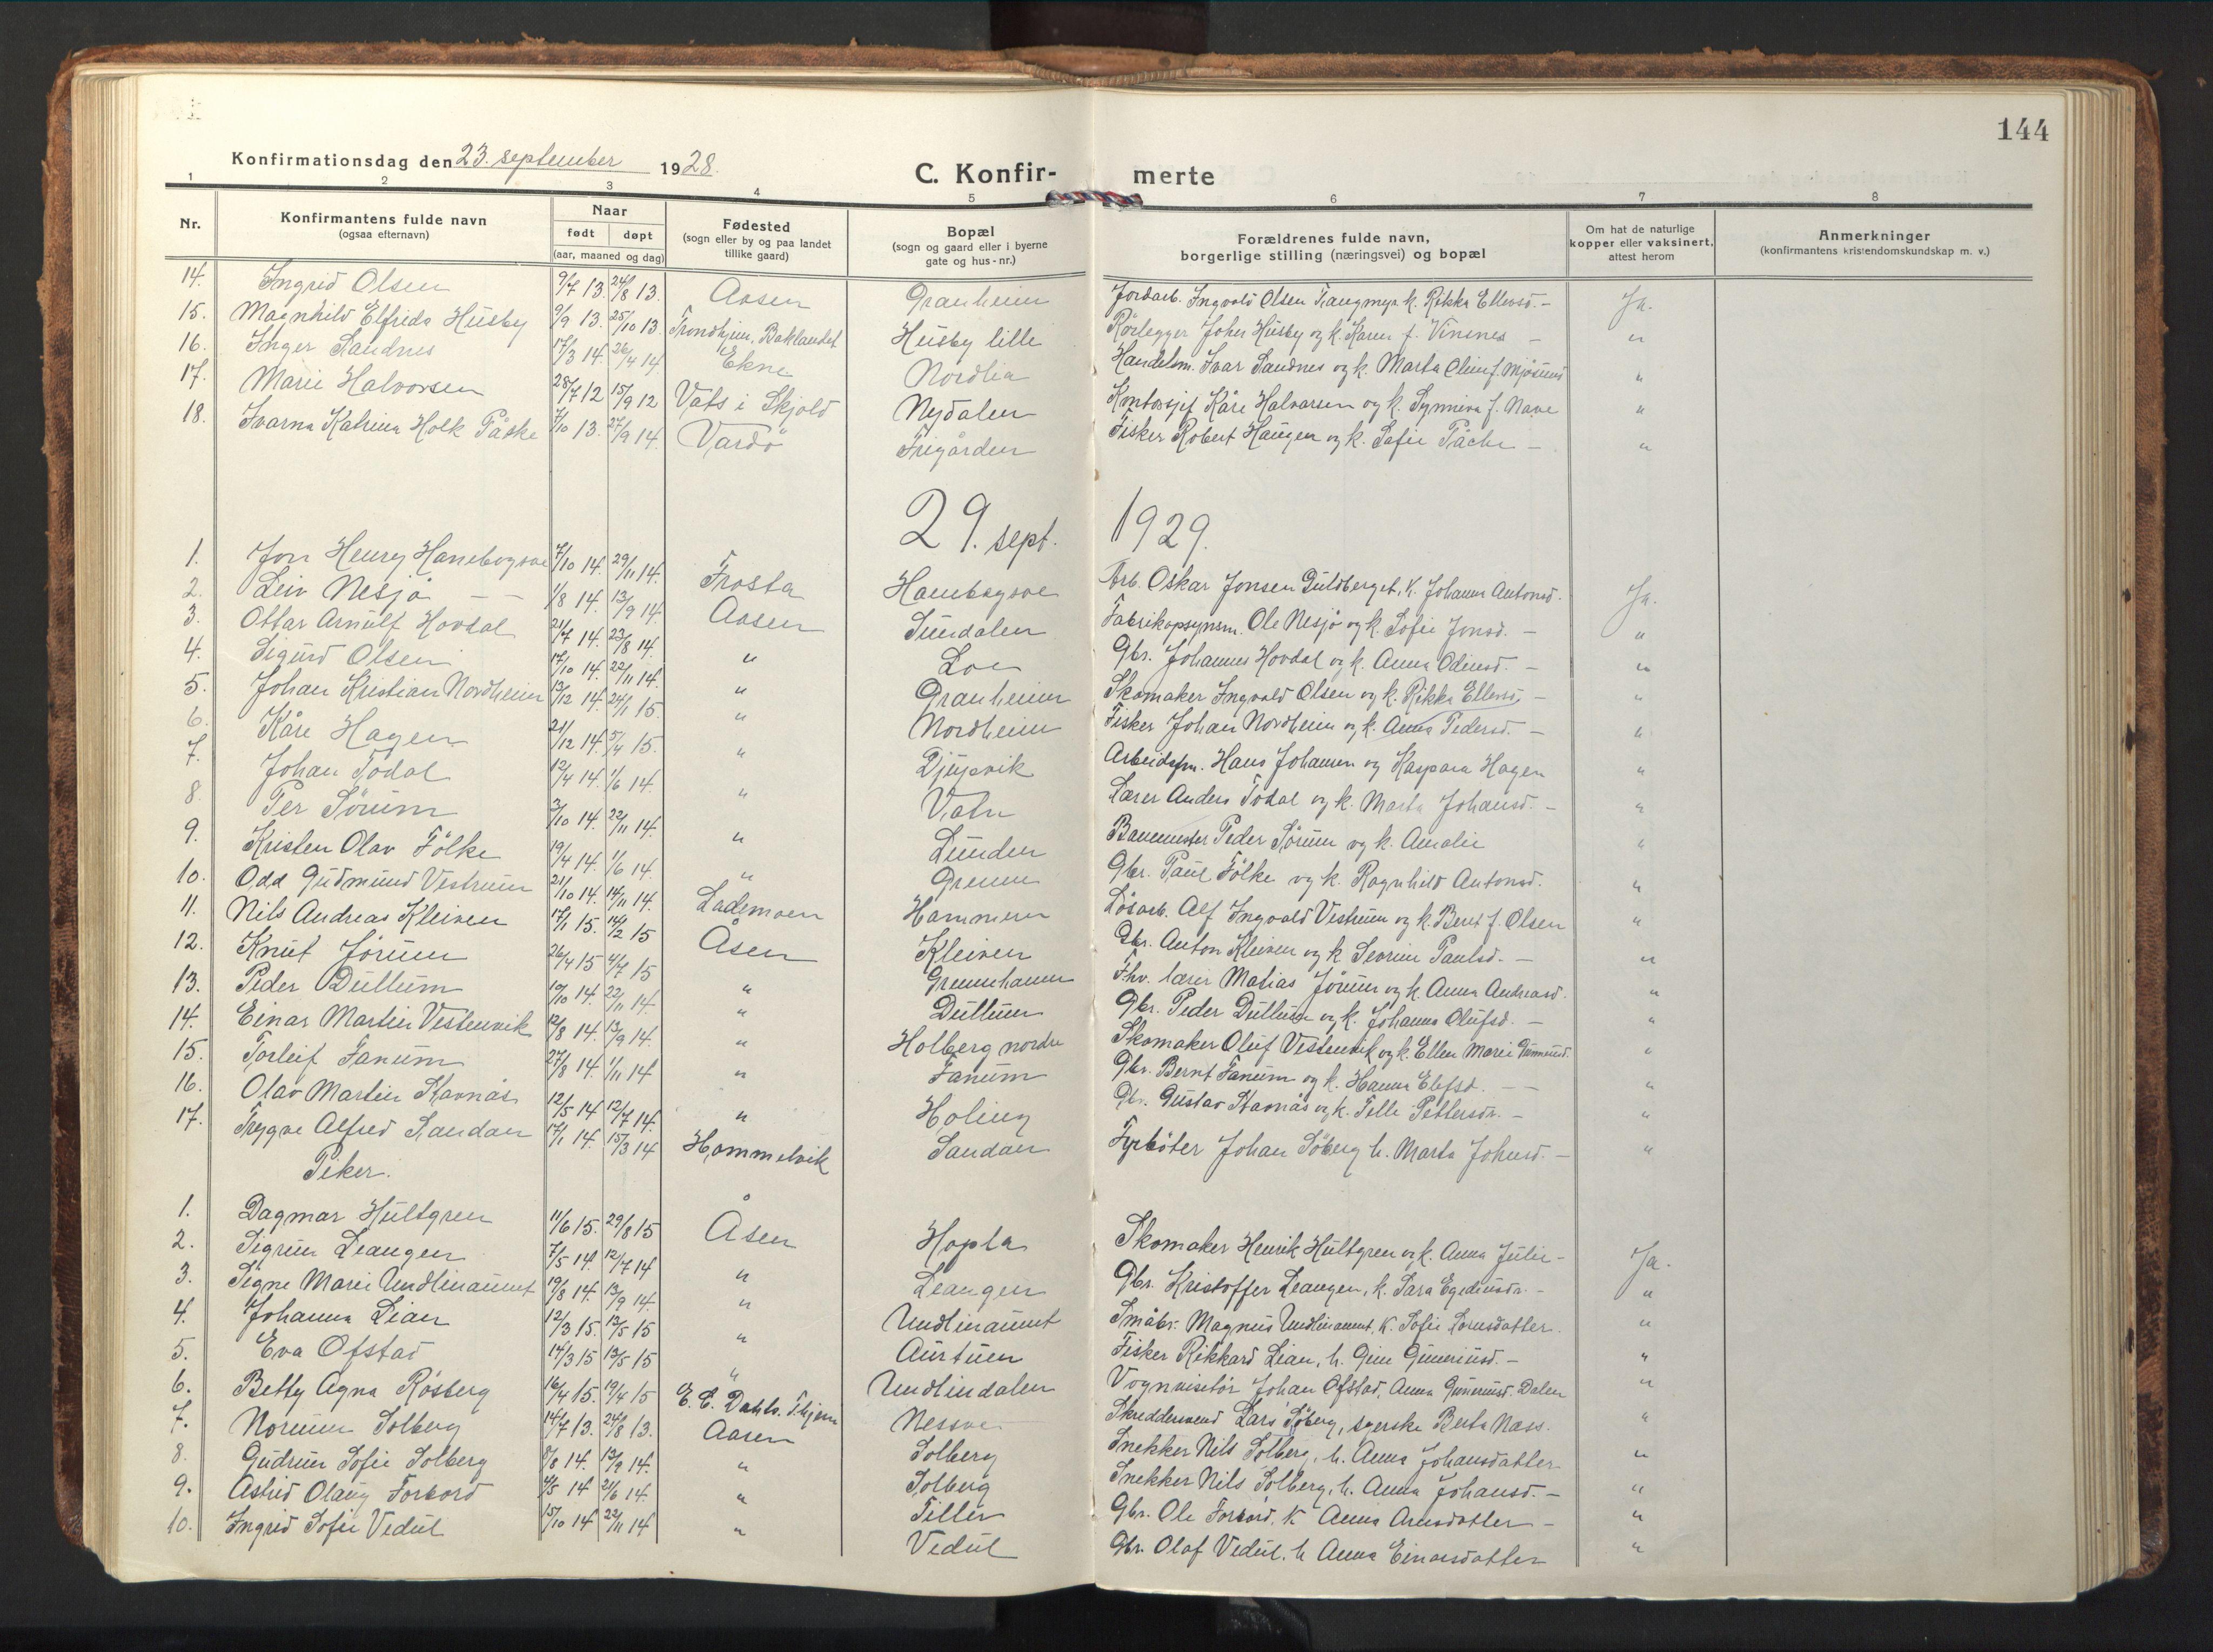 SAT, Ministerialprotokoller, klokkerbøker og fødselsregistre - Nord-Trøndelag, 714/L0136: Klokkerbok nr. 714C05, 1918-1957, s. 144